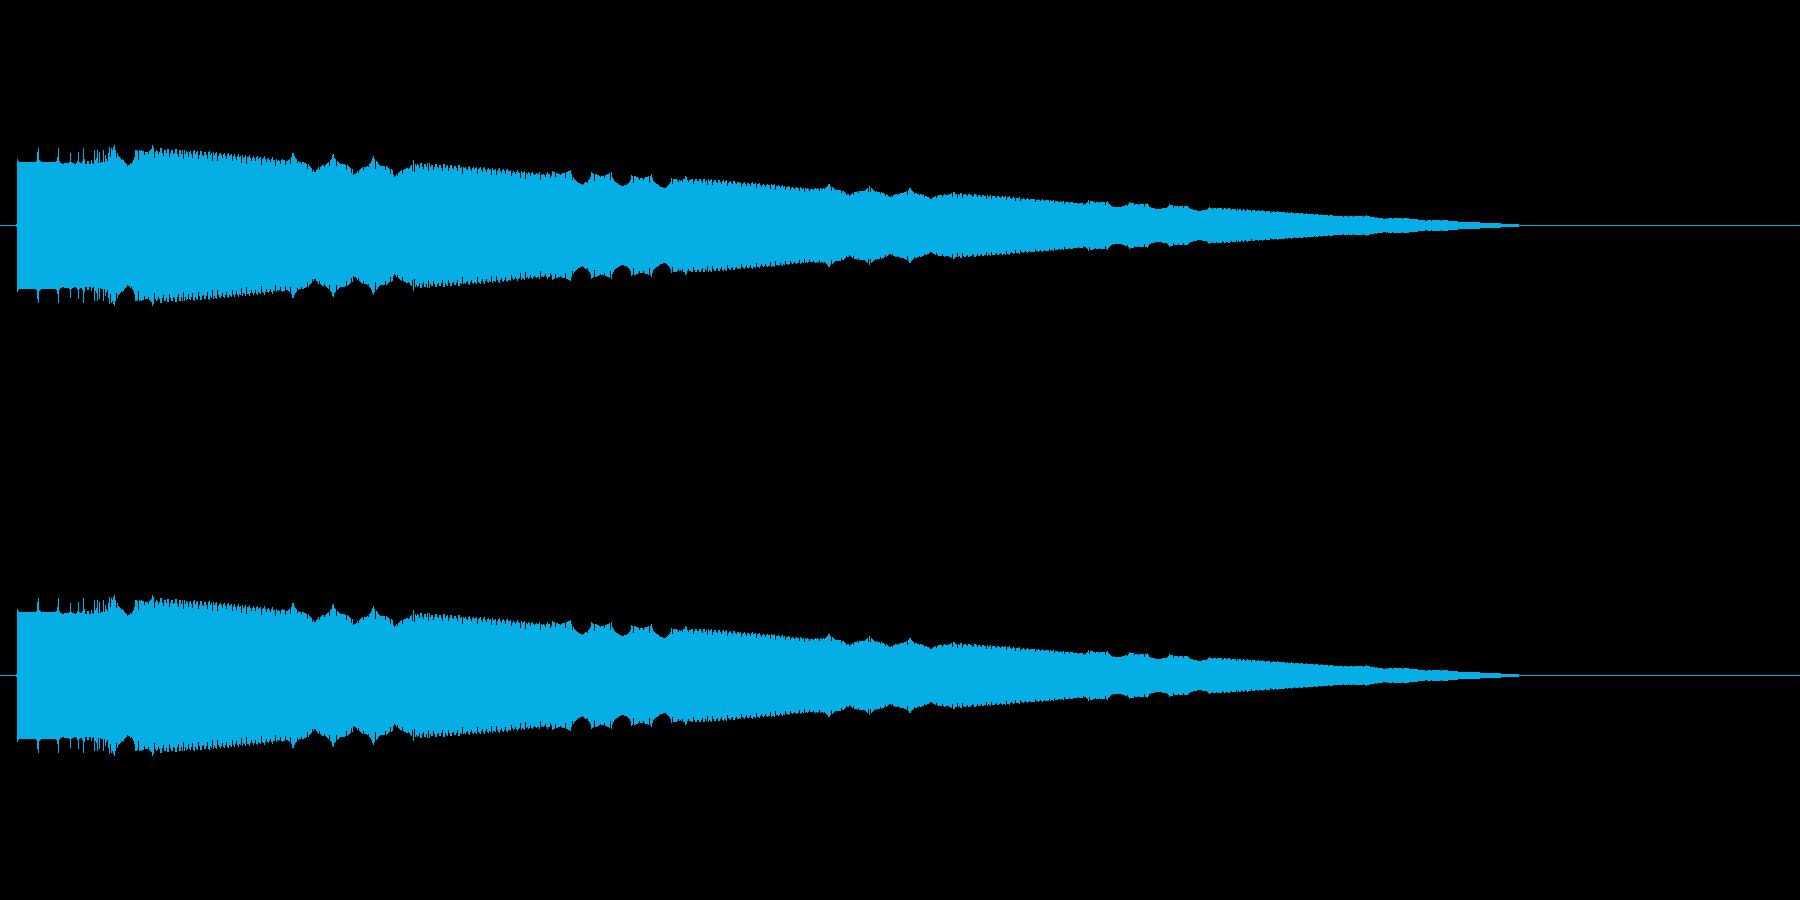 レトロゲーム風ヒット音4の再生済みの波形